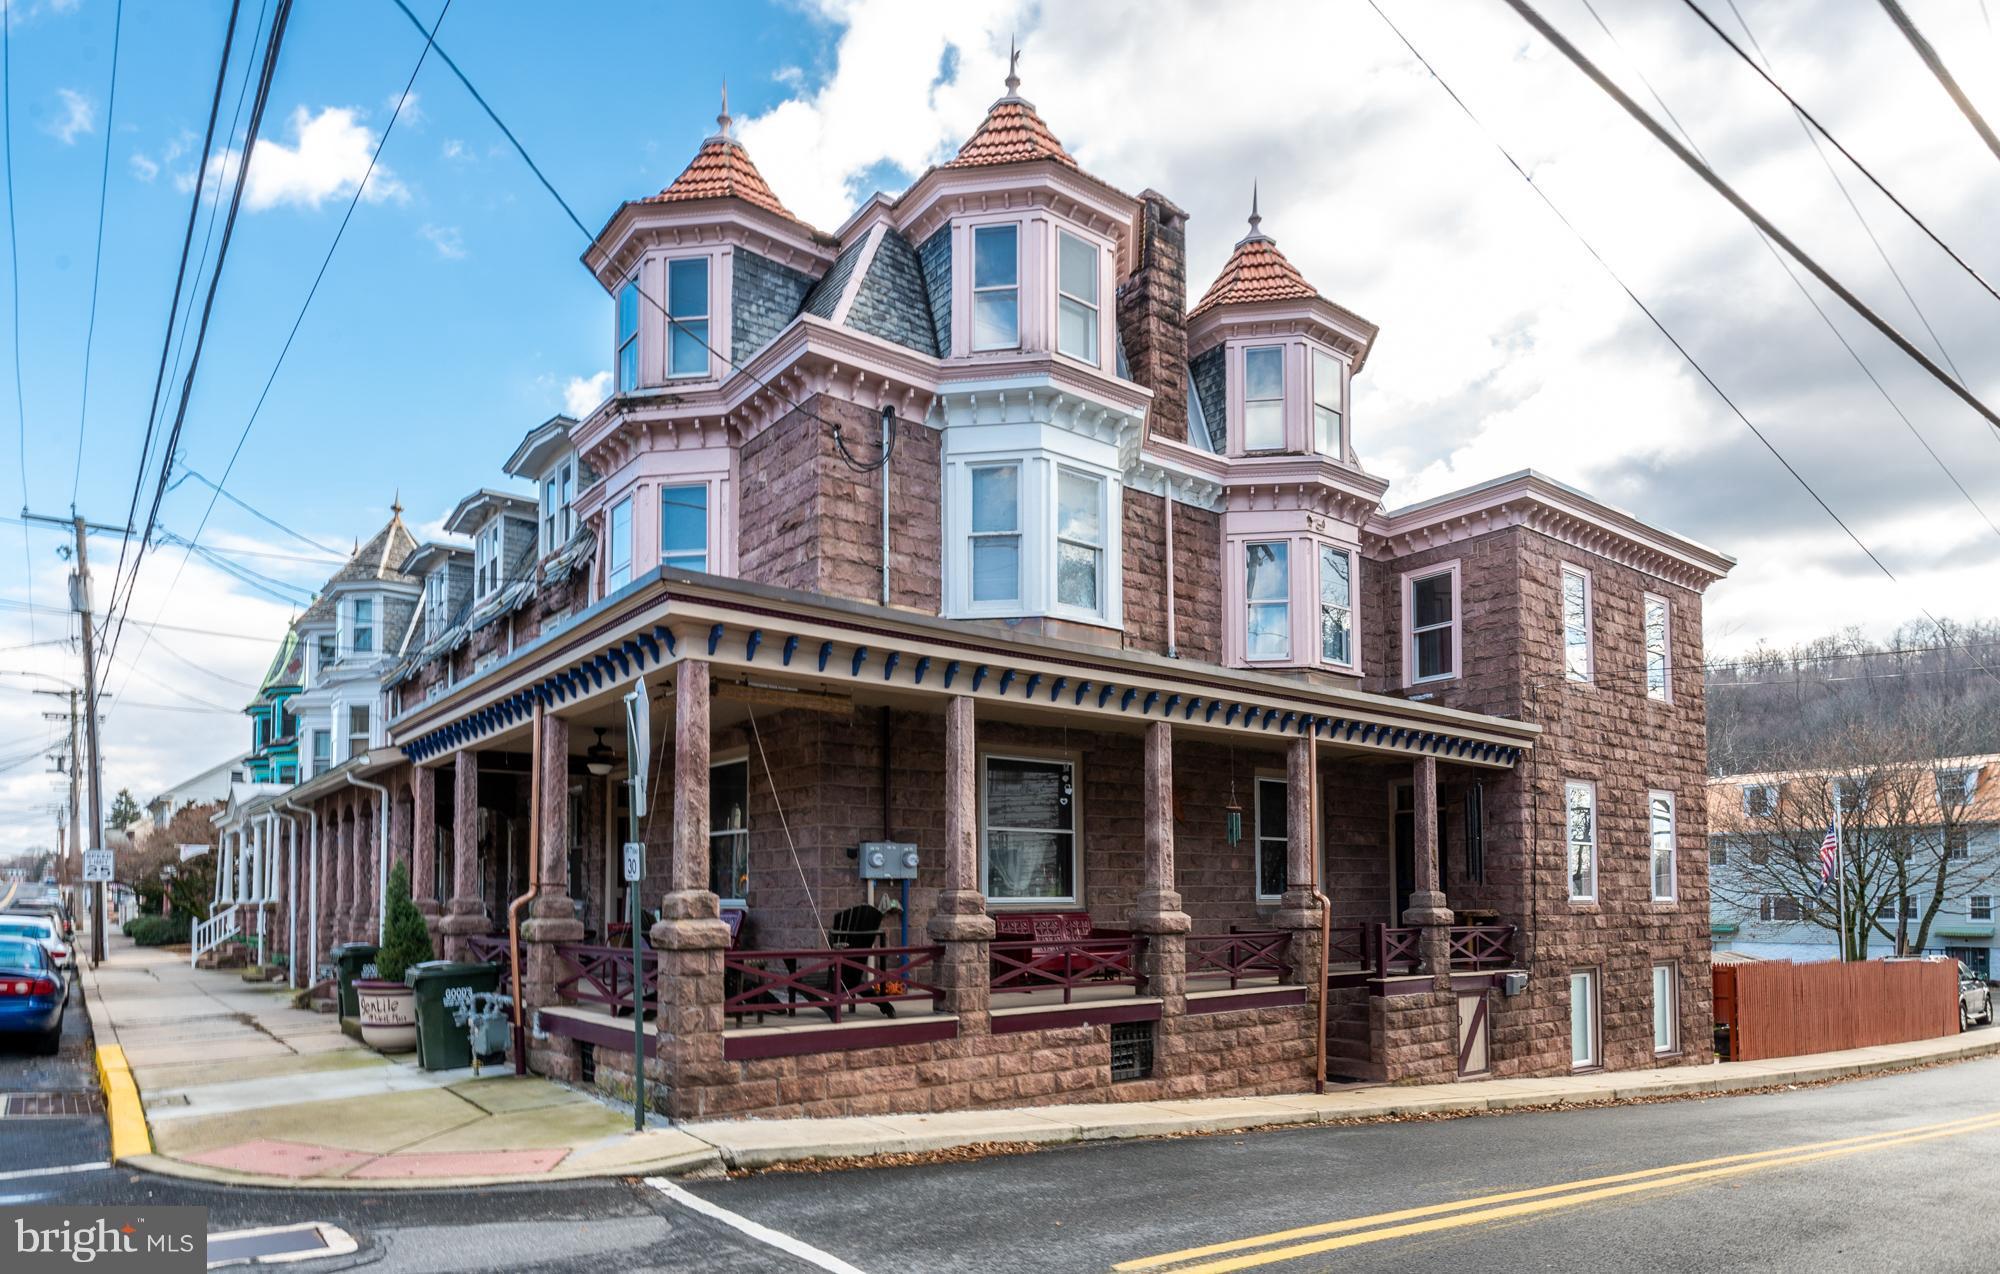 79 W MAIN STREET, ADAMSTOWN, PA 19501